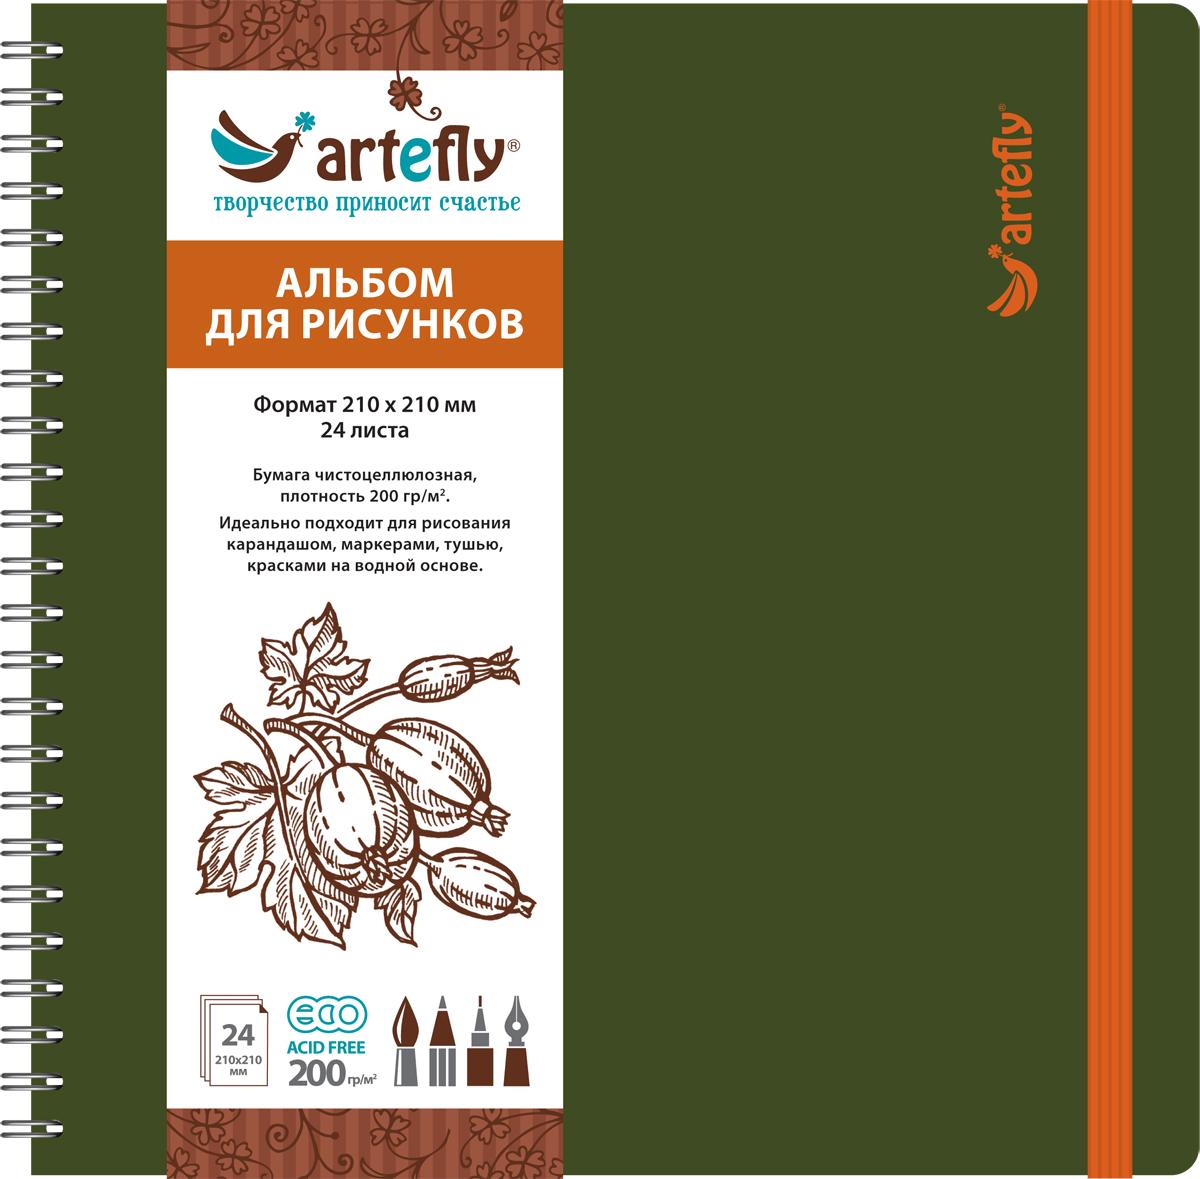 Artefly Альбом для рисования 24 листа цвет зеленый AFNB-2253AFNB-2253Альбом идеально подходит для рисования в нем карандашом, маркерами, тушью, красками на водной основе. Удобная эластичная застежка защитит Вашу записную книжку. Переплет на спирали делает альбом еще более удобным и позволяет с легкостью переворачивать страницы.